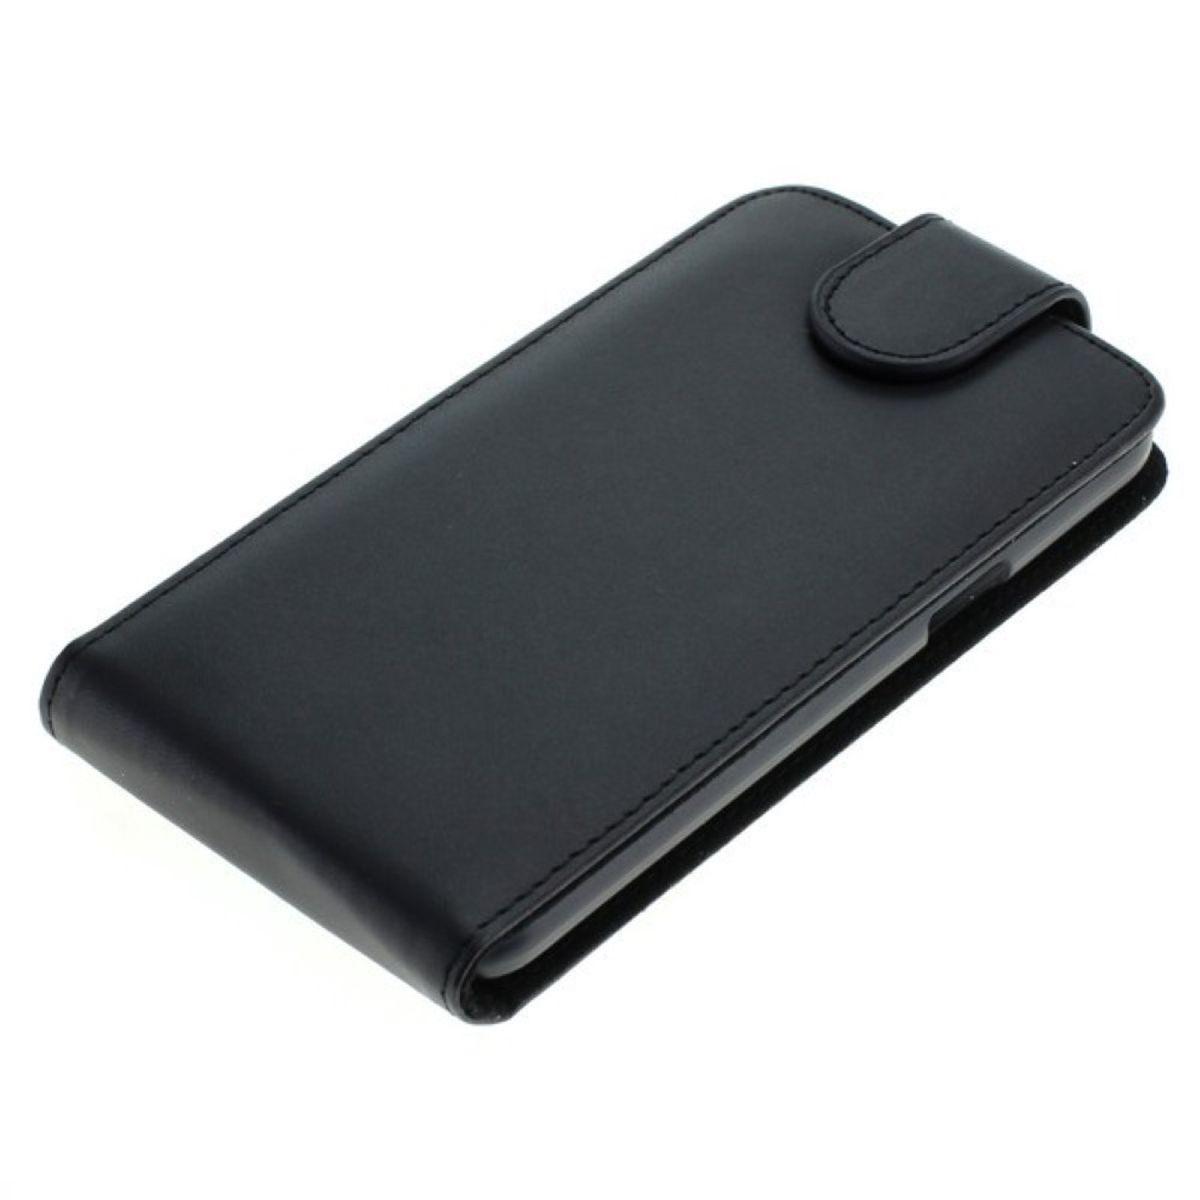 OTB Tasche (Kunstleder) für Samsung Galaxy J5 SM-J500F Flipcase schwarz